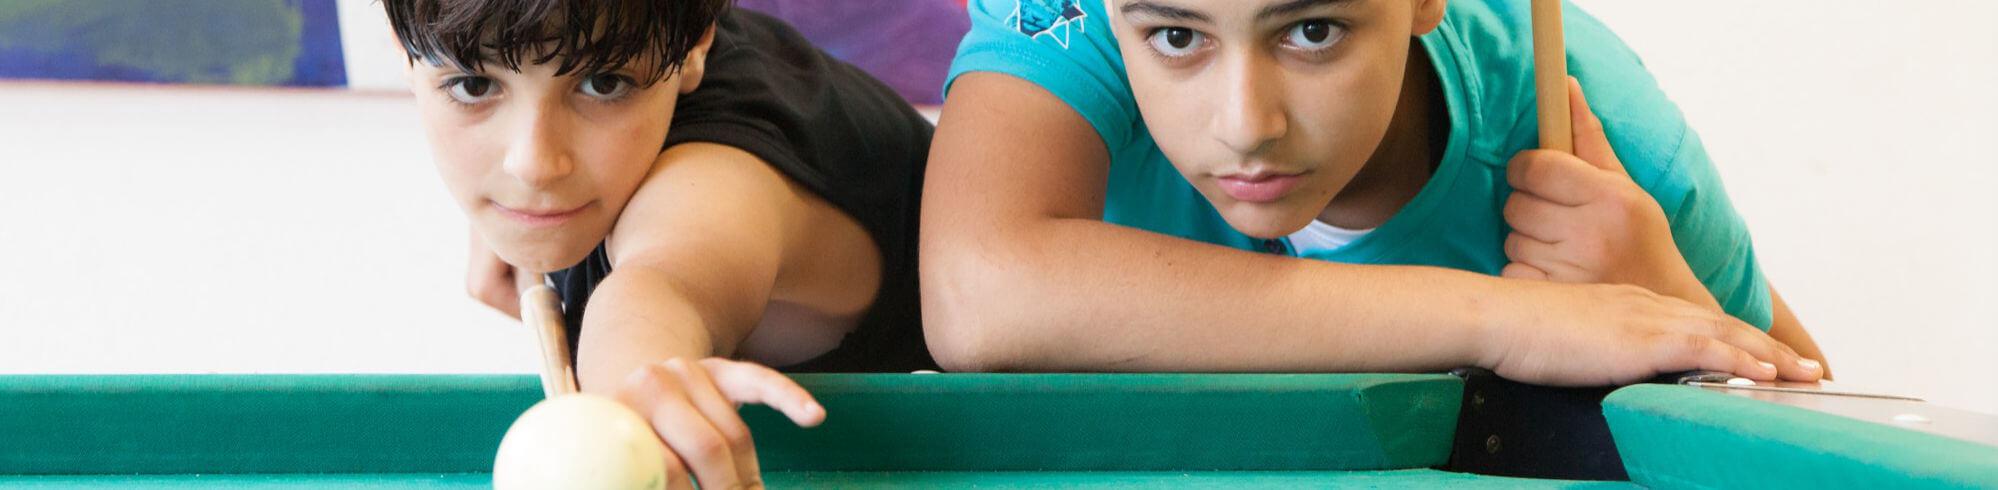 zwei Kinder spielen Billiard